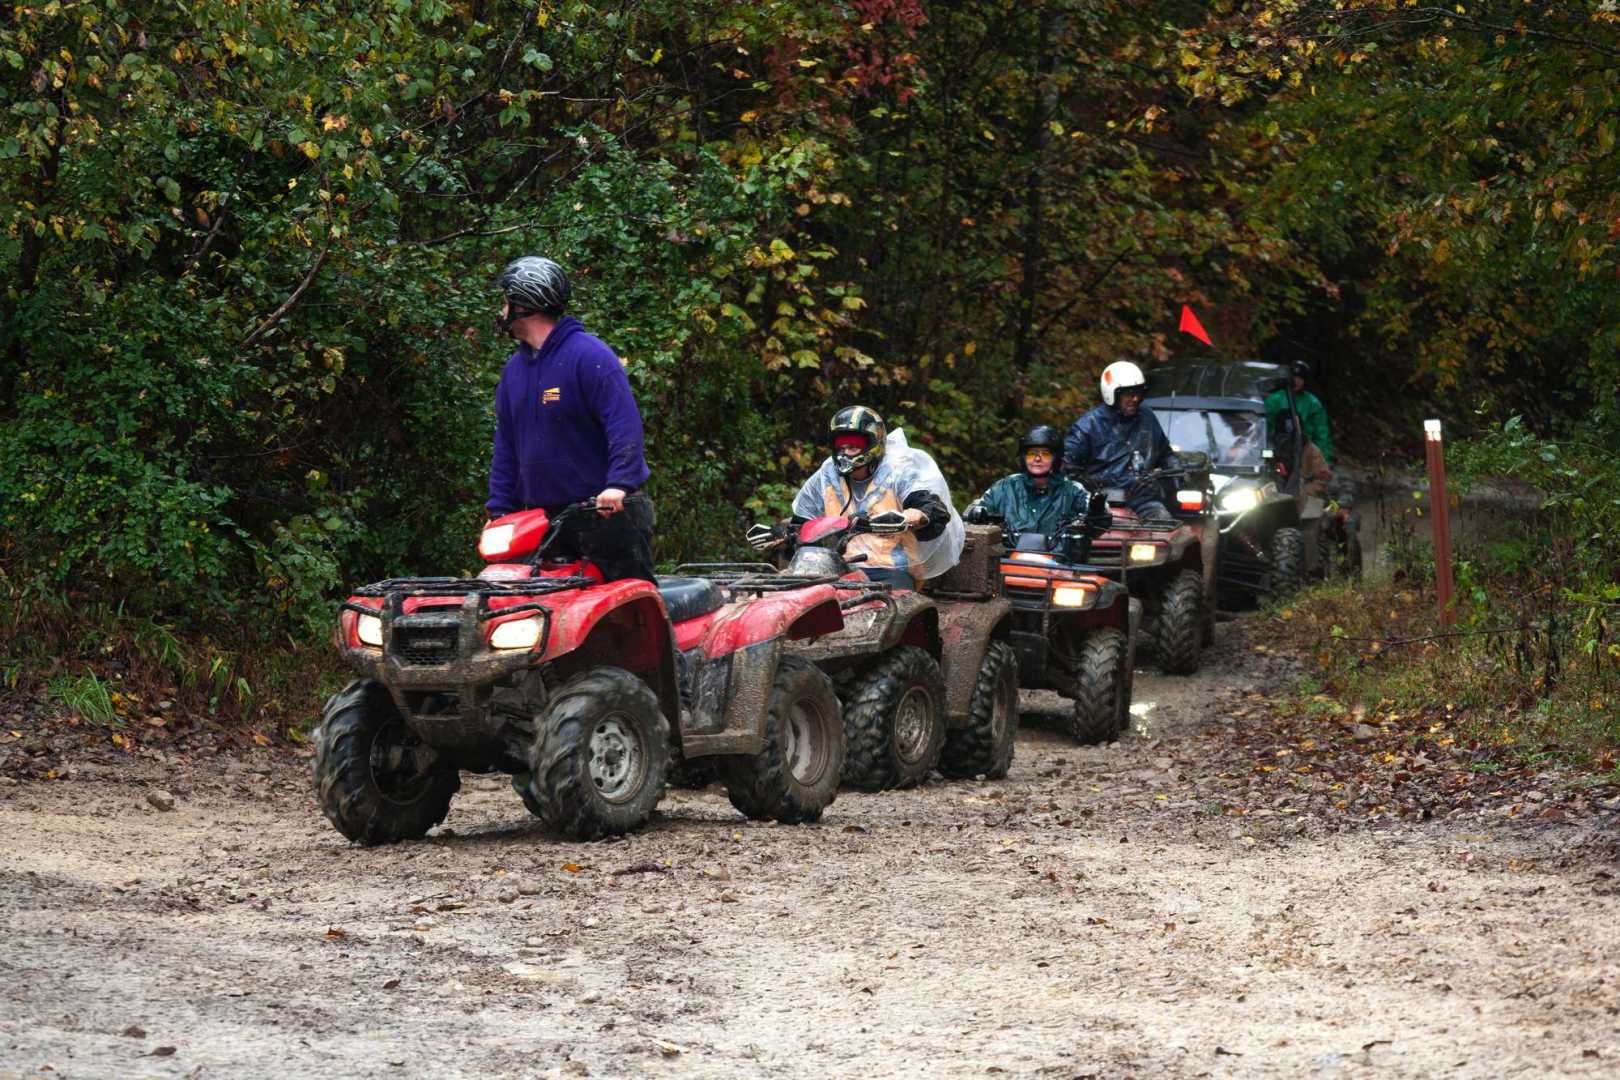 Multiple Riders On ATVs